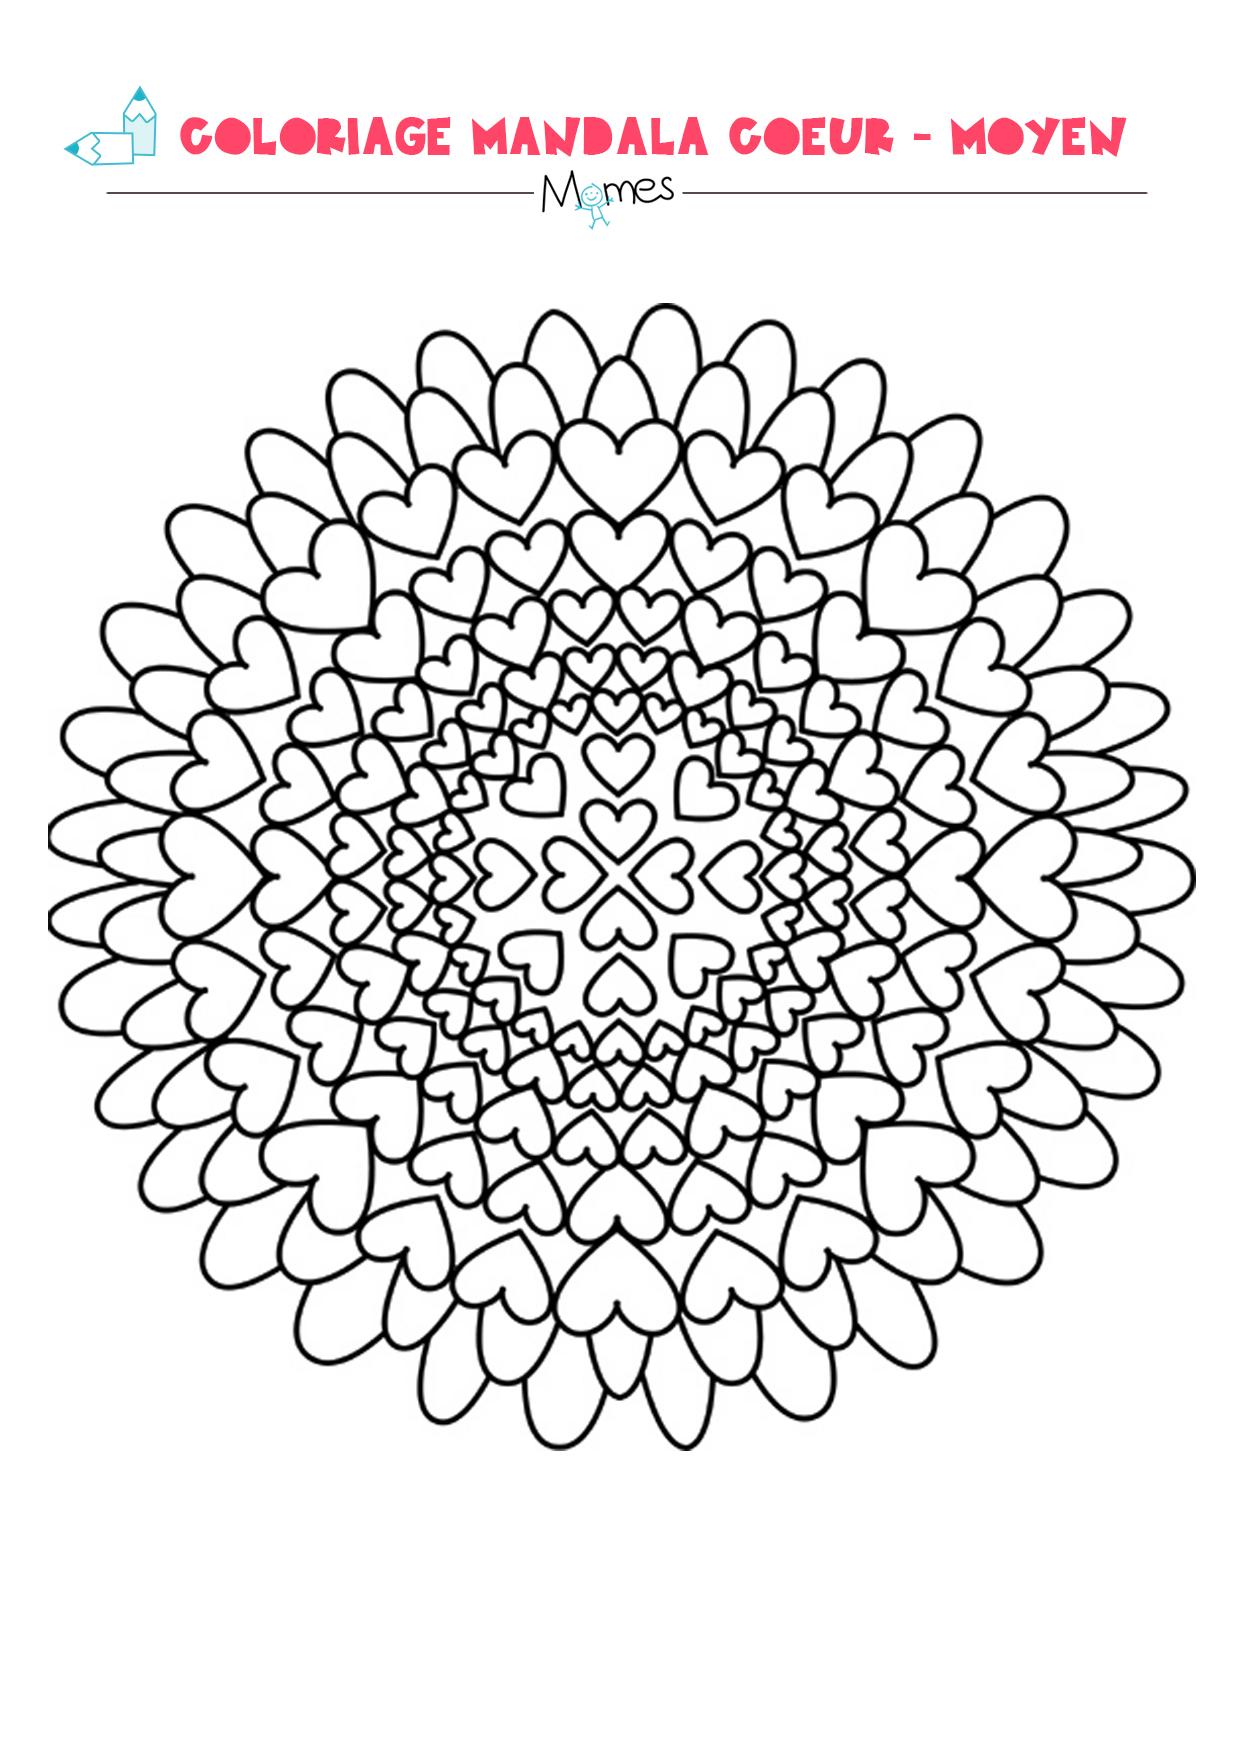 Mandala Coeur A Colorier Facile Momes Net